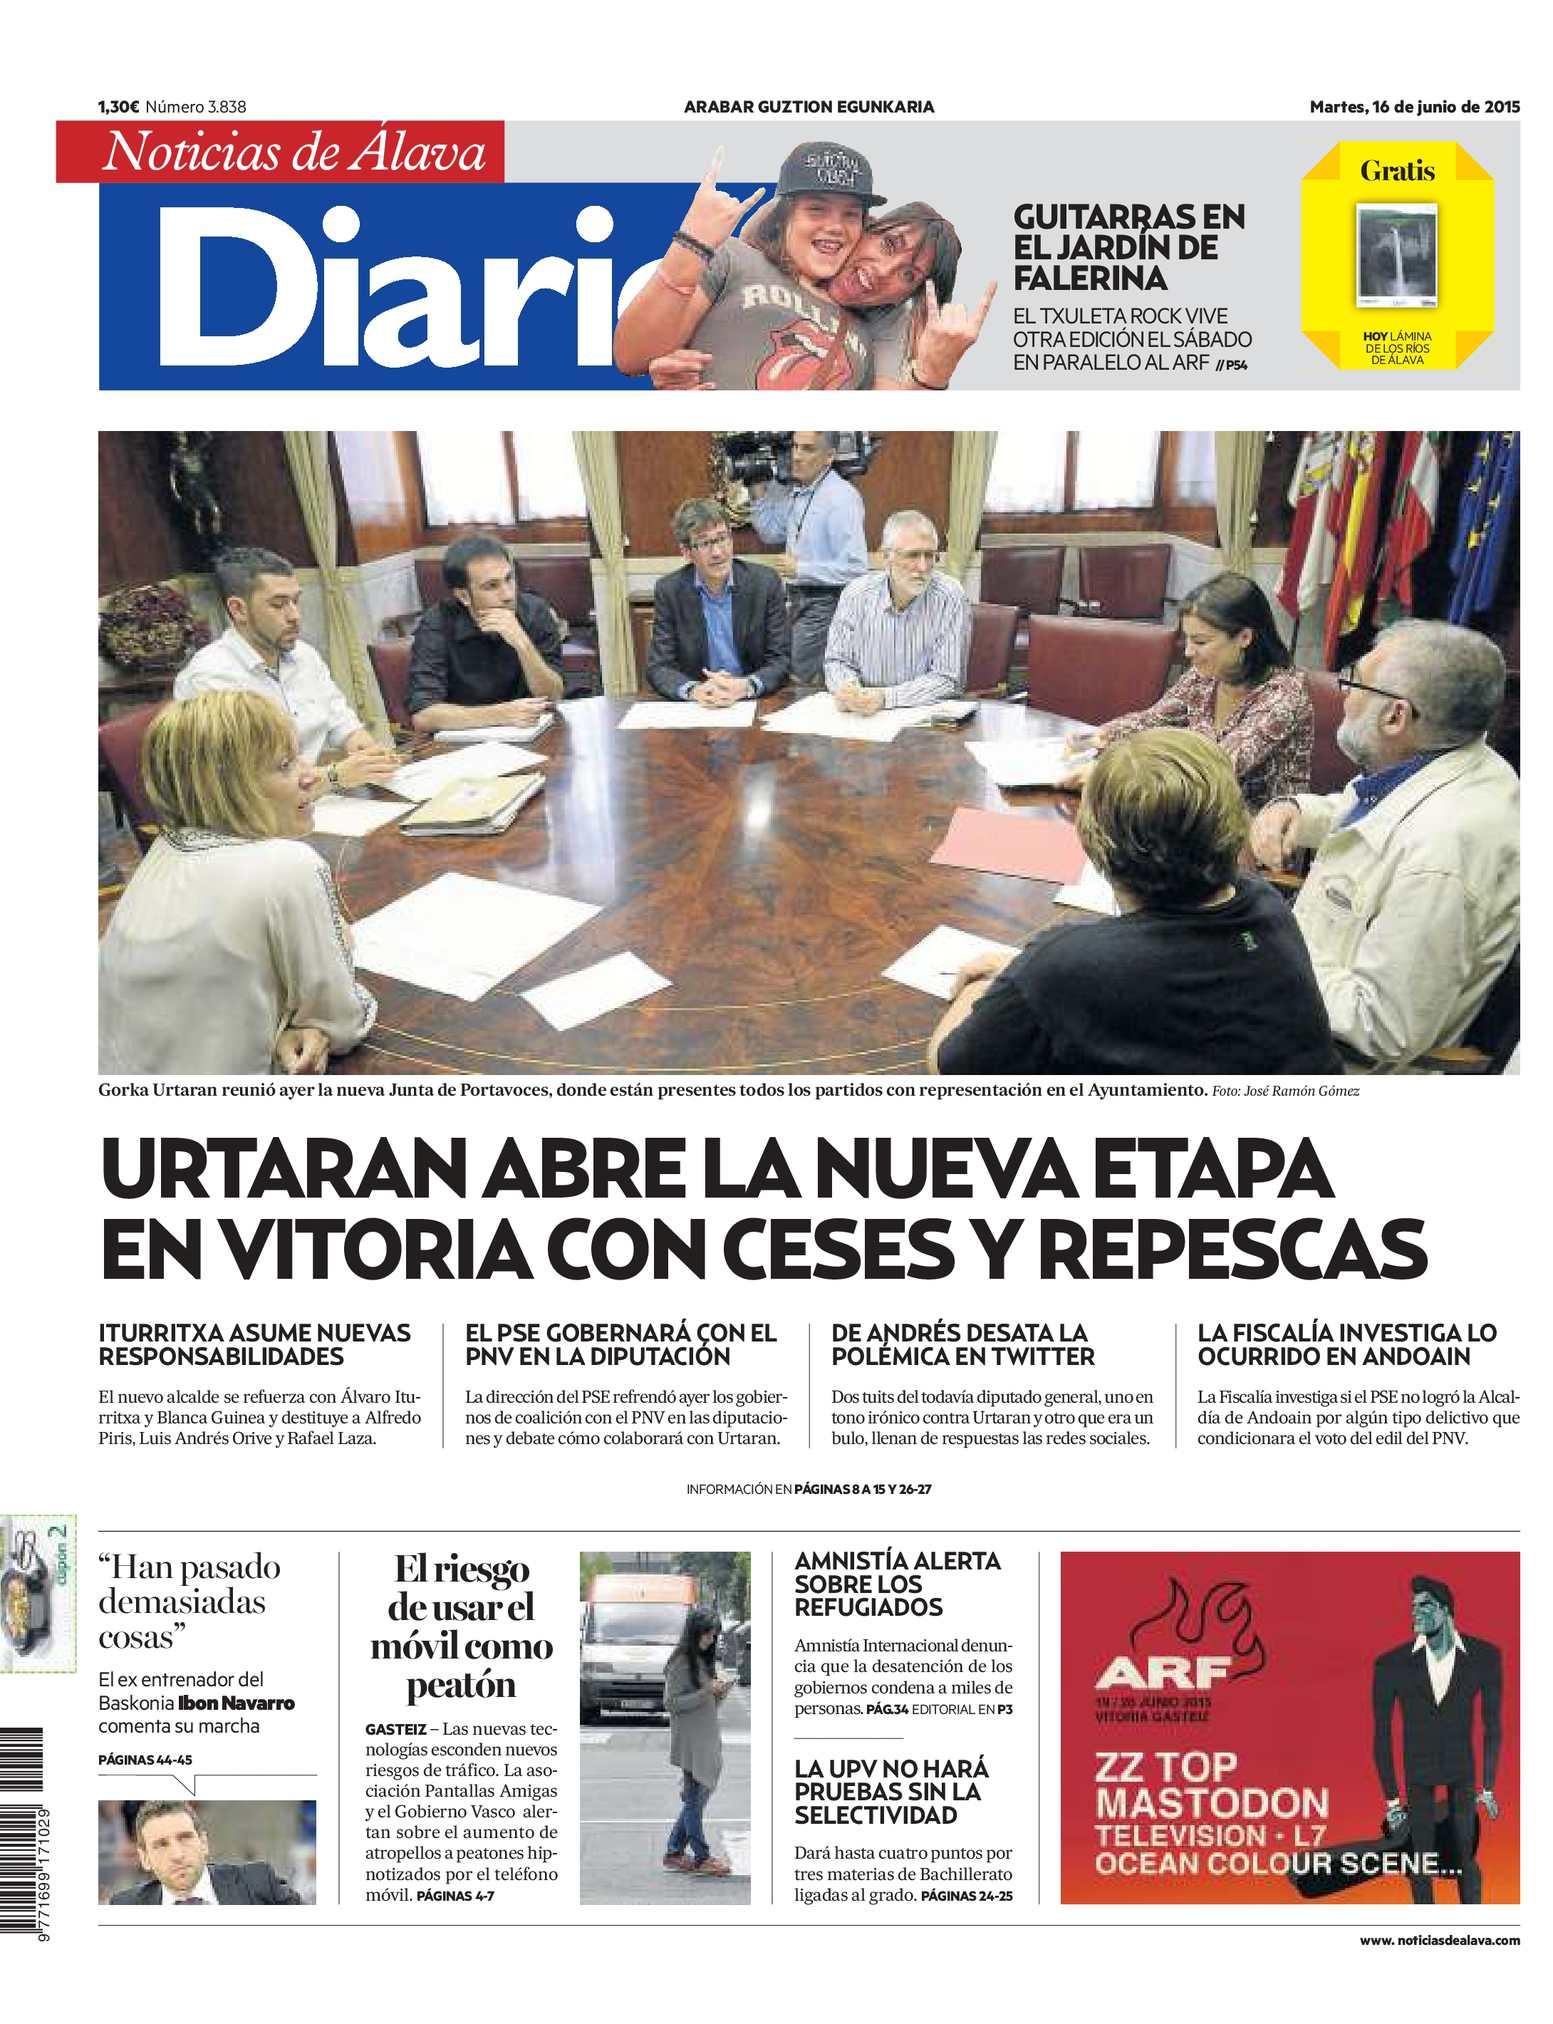 Diario 20150616 Calaméo Noticias Álava De qVSzpUM